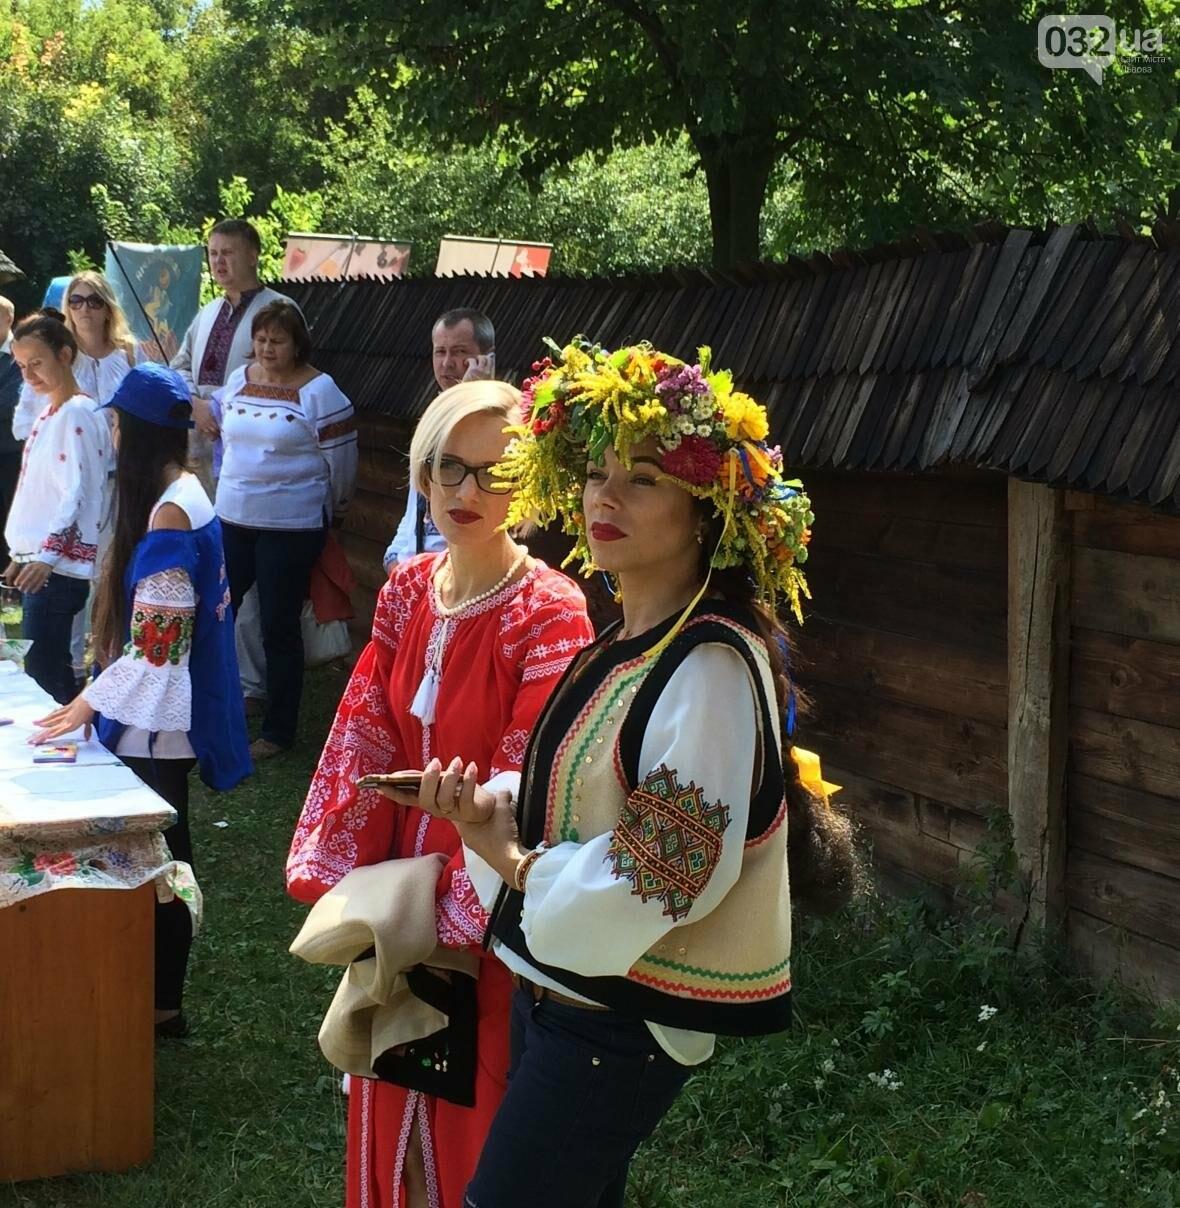 У Львові у Шевченківському гаю відзначили День незалежності. Фото, фото-3